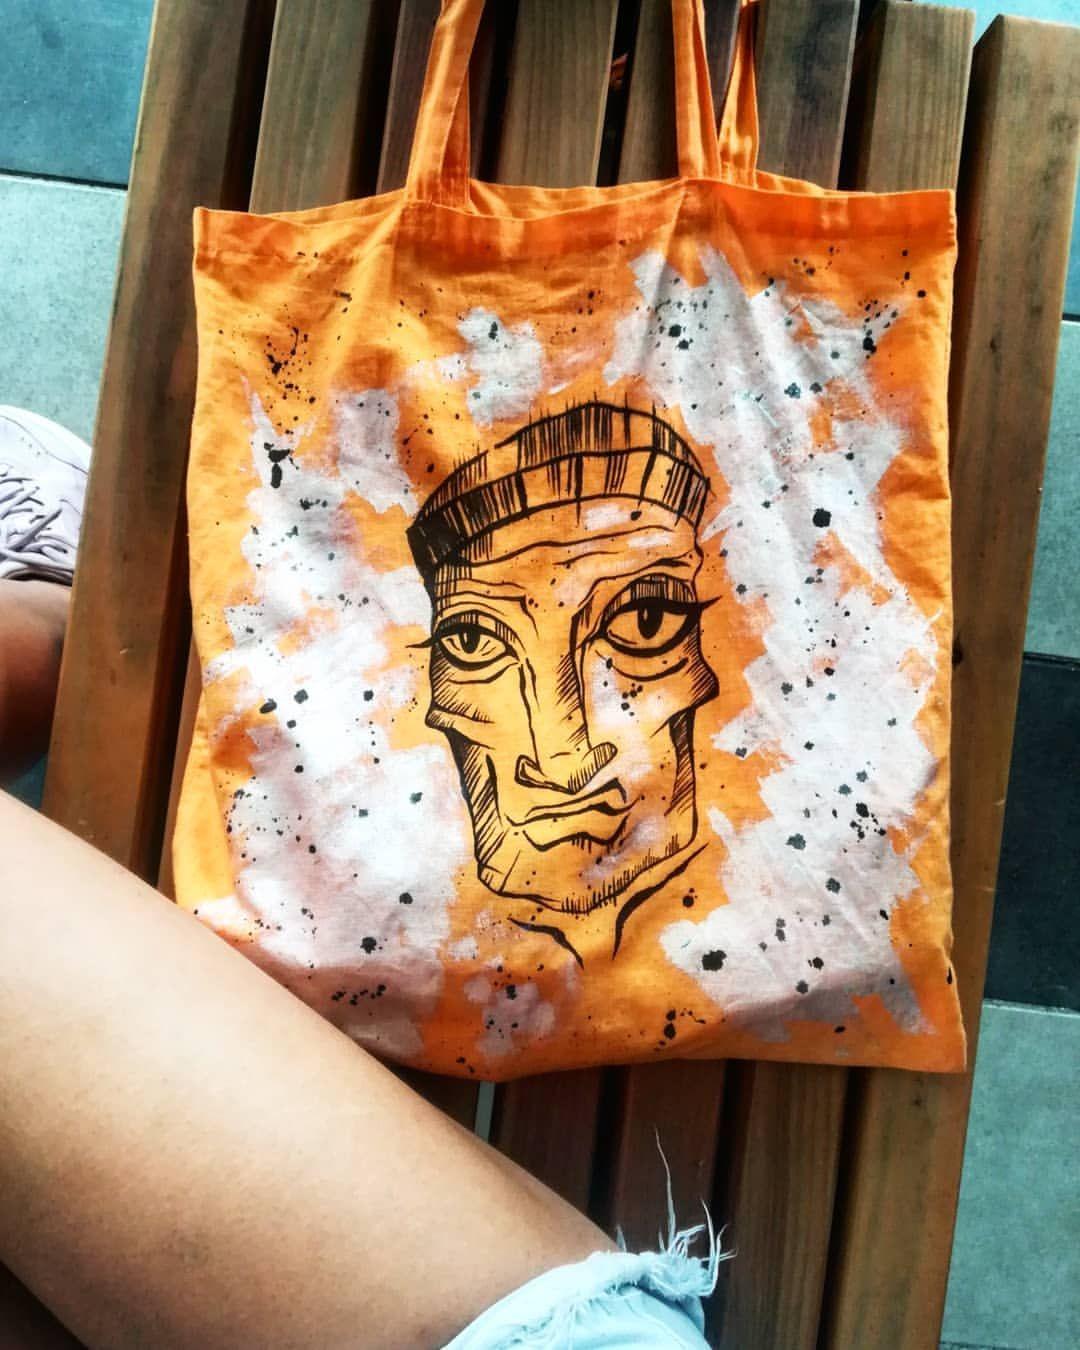 Tworzymy też takie grafiki #wierdface Grafika zawitała na bawełnianej torbie, myślimy tez o koszulkach 🤔 Mamy mnóstwo pomysłów, które powoli, ale z sukcesem wchodzą w życie ❤️ .  DO WHAT U ❤️ WHAT U DO. . #happy #customs #customize #customizer #bag #face #wierdface #graphicdesign #orginal #colors #lovetocreate #hobby #instadecor #decoration #instaart #malowanie #pomyslnaprezent #malowaniefarbami #dekoracje #tarrago #tarragoteam #diy #majstajl #dnesnosim